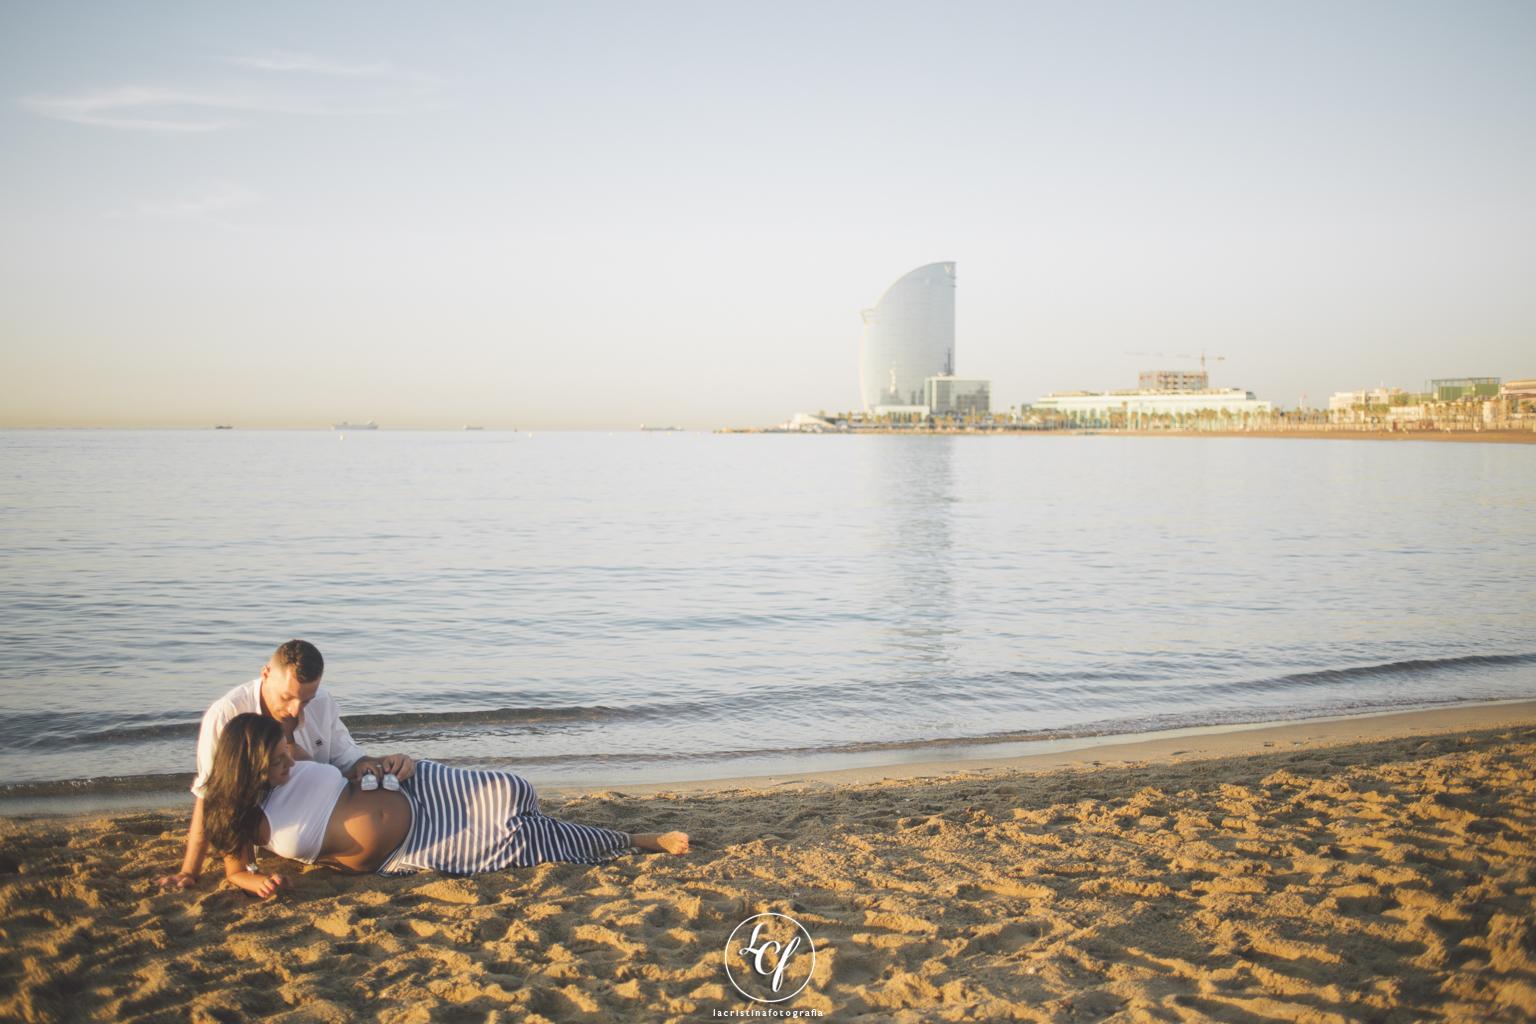 fotografo embarazo barcelona :: fotografia embarazada en barcelona :: fotógrafo de embarazo natural :: fotógrafo de bodas :: reportaje de embarazo :: reportaje de embarazada